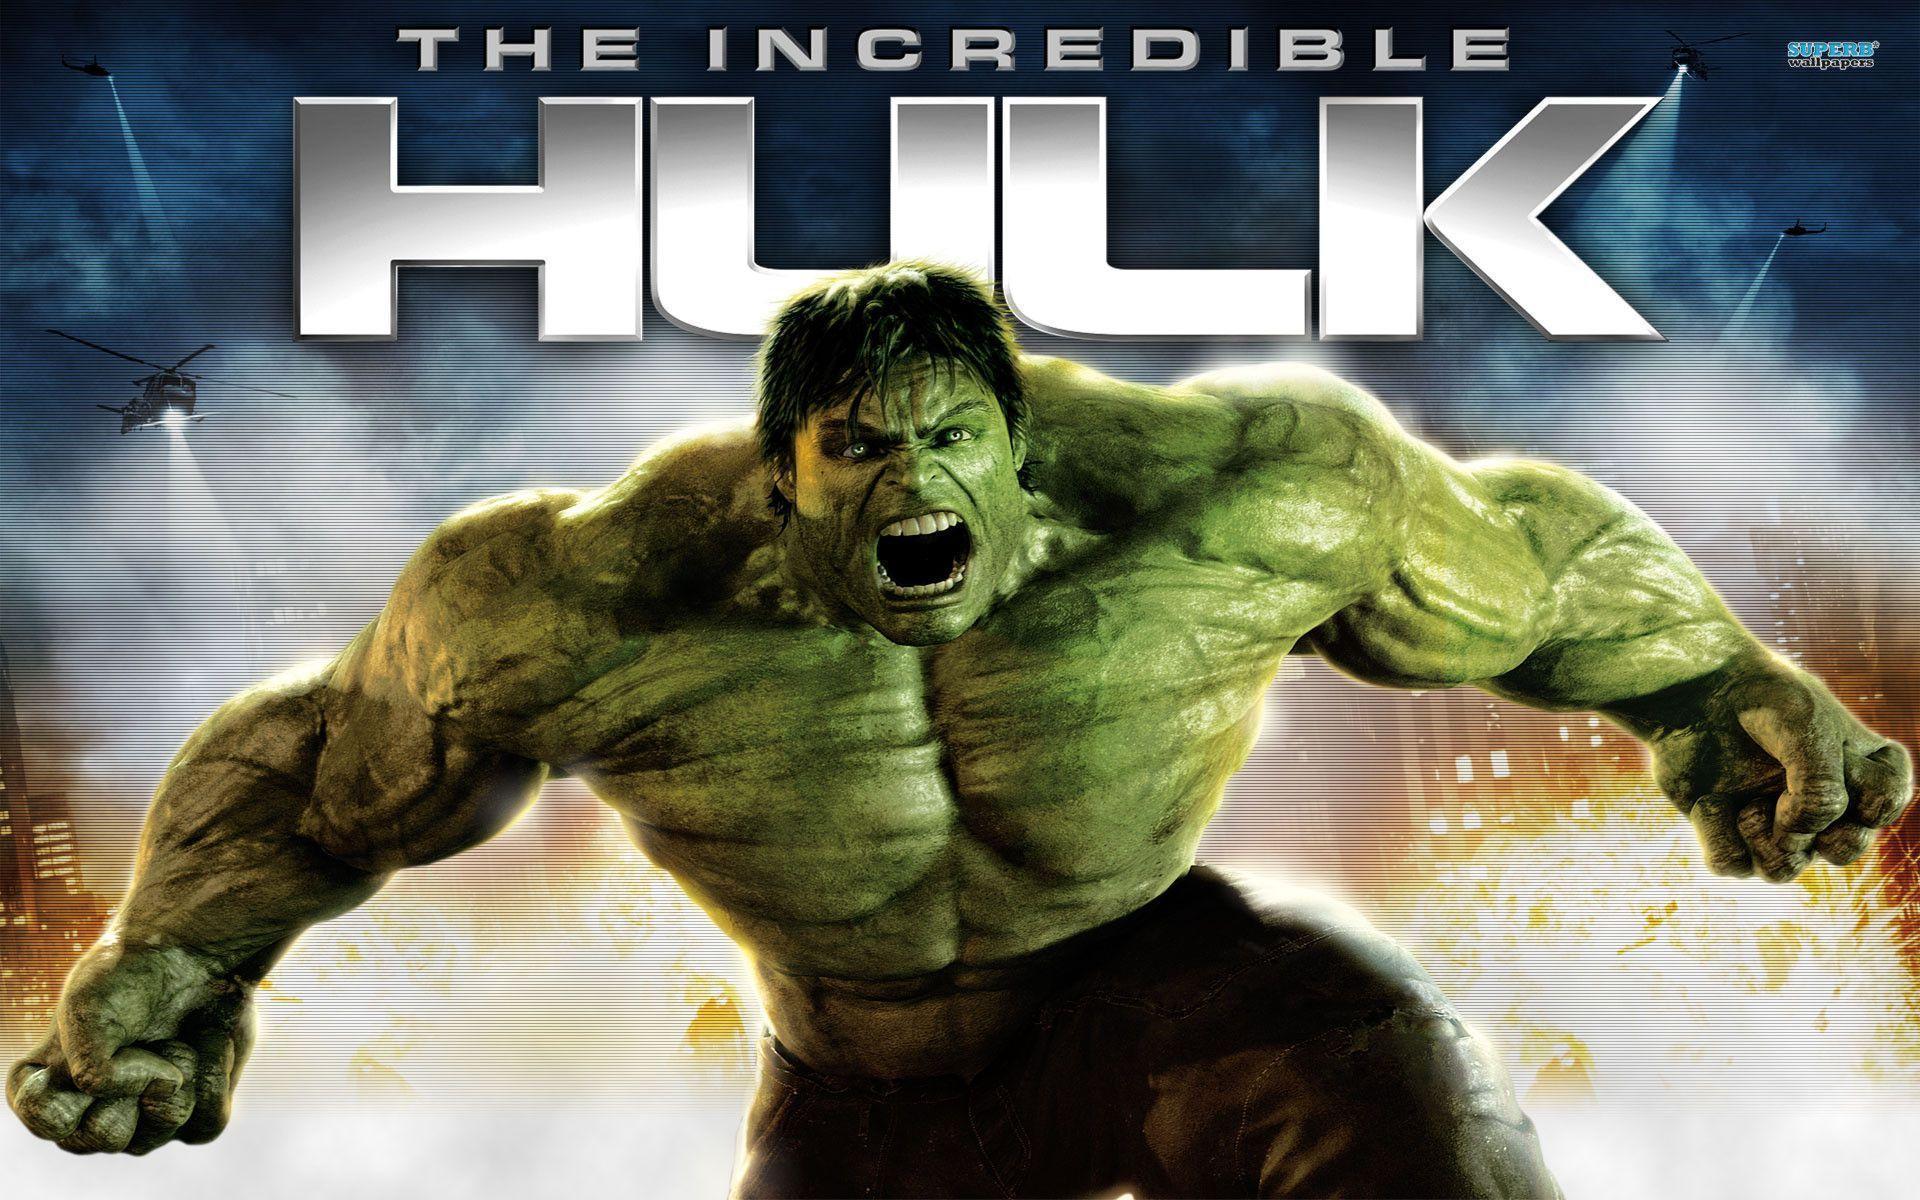 Incredible Hulk Wallpapers - Full HD wallpaper search